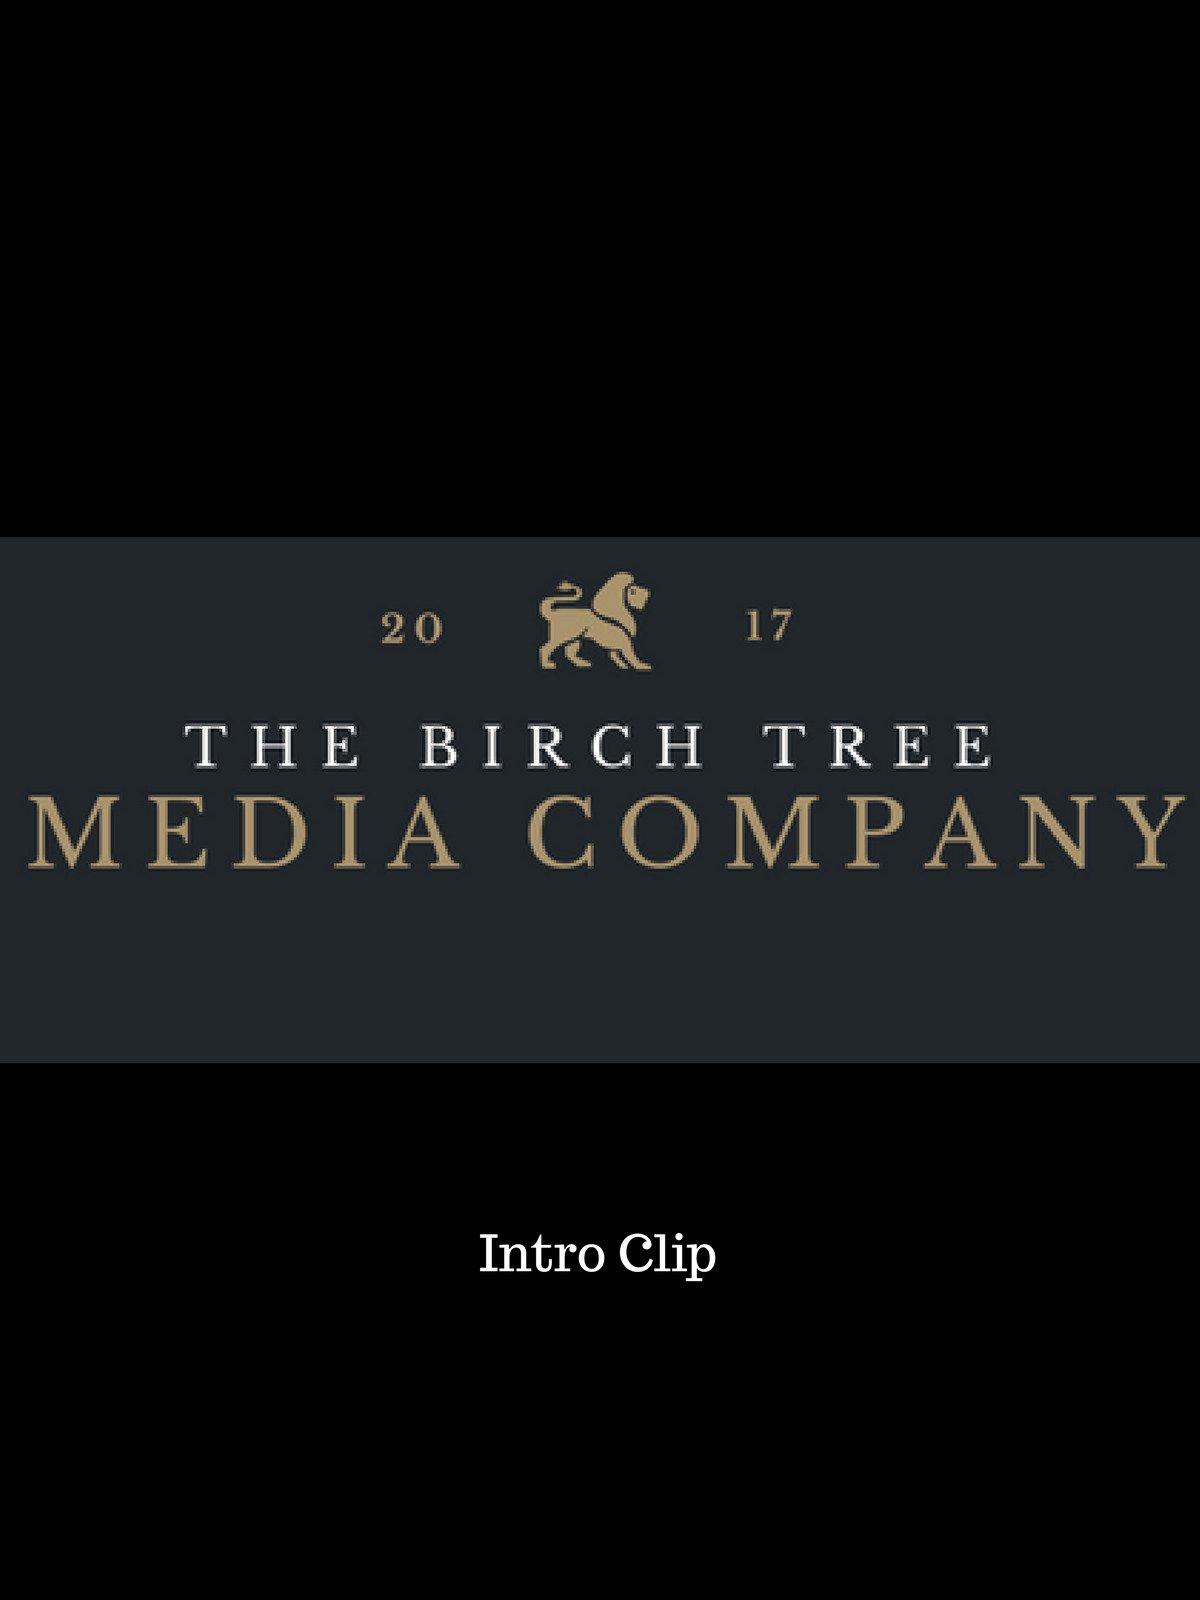 Clip: The Birch Tree Media Company Intro